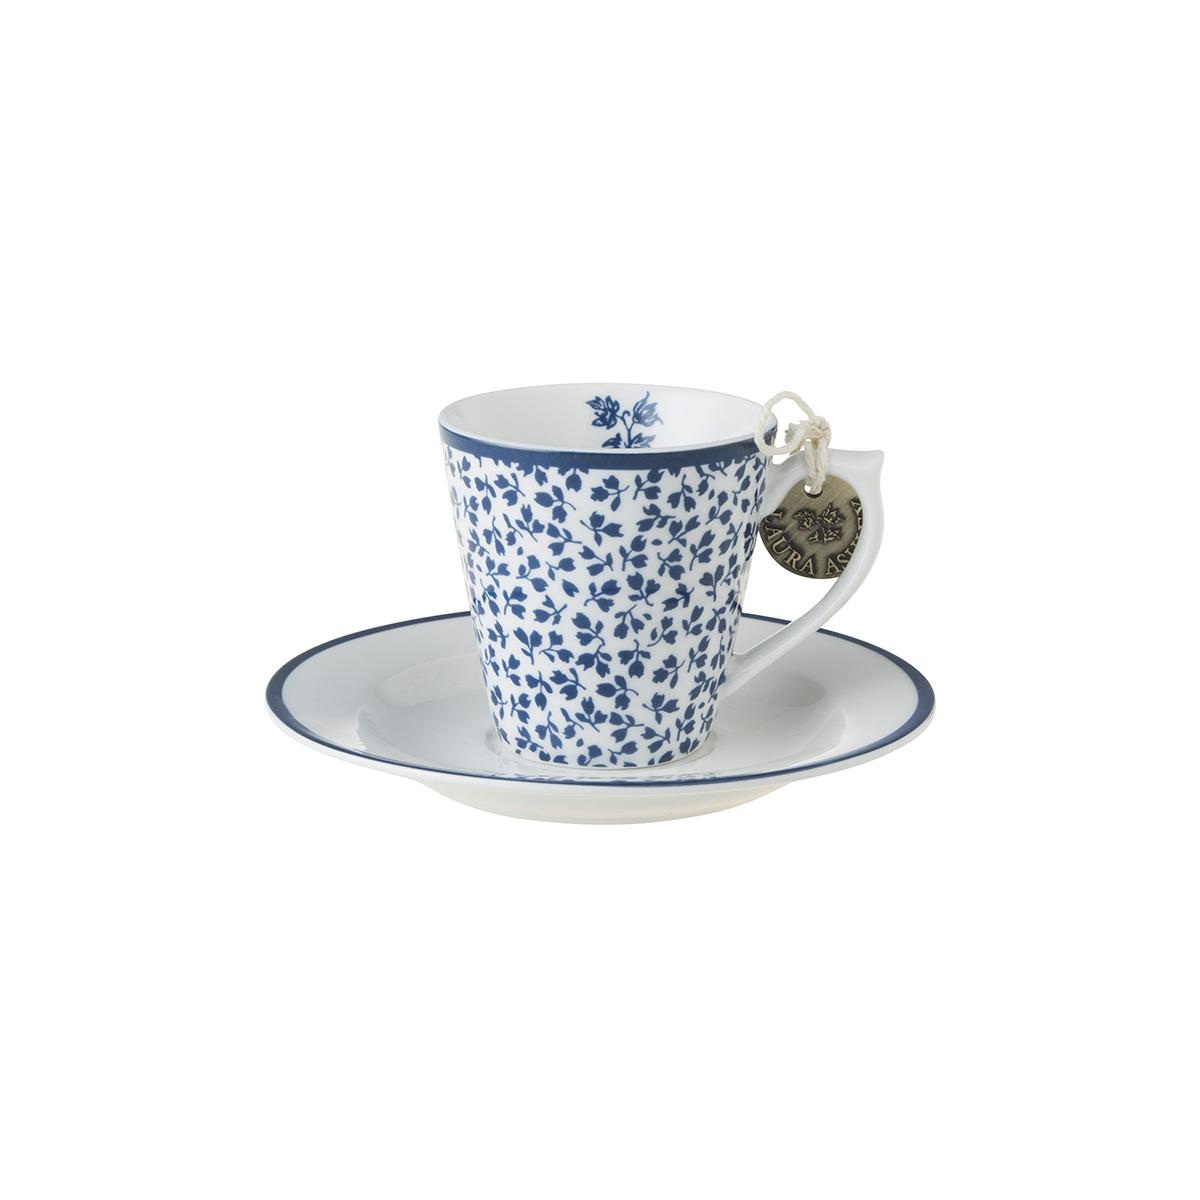 kop-en-schotel-espresso-floris-laura-ashley-178693-v